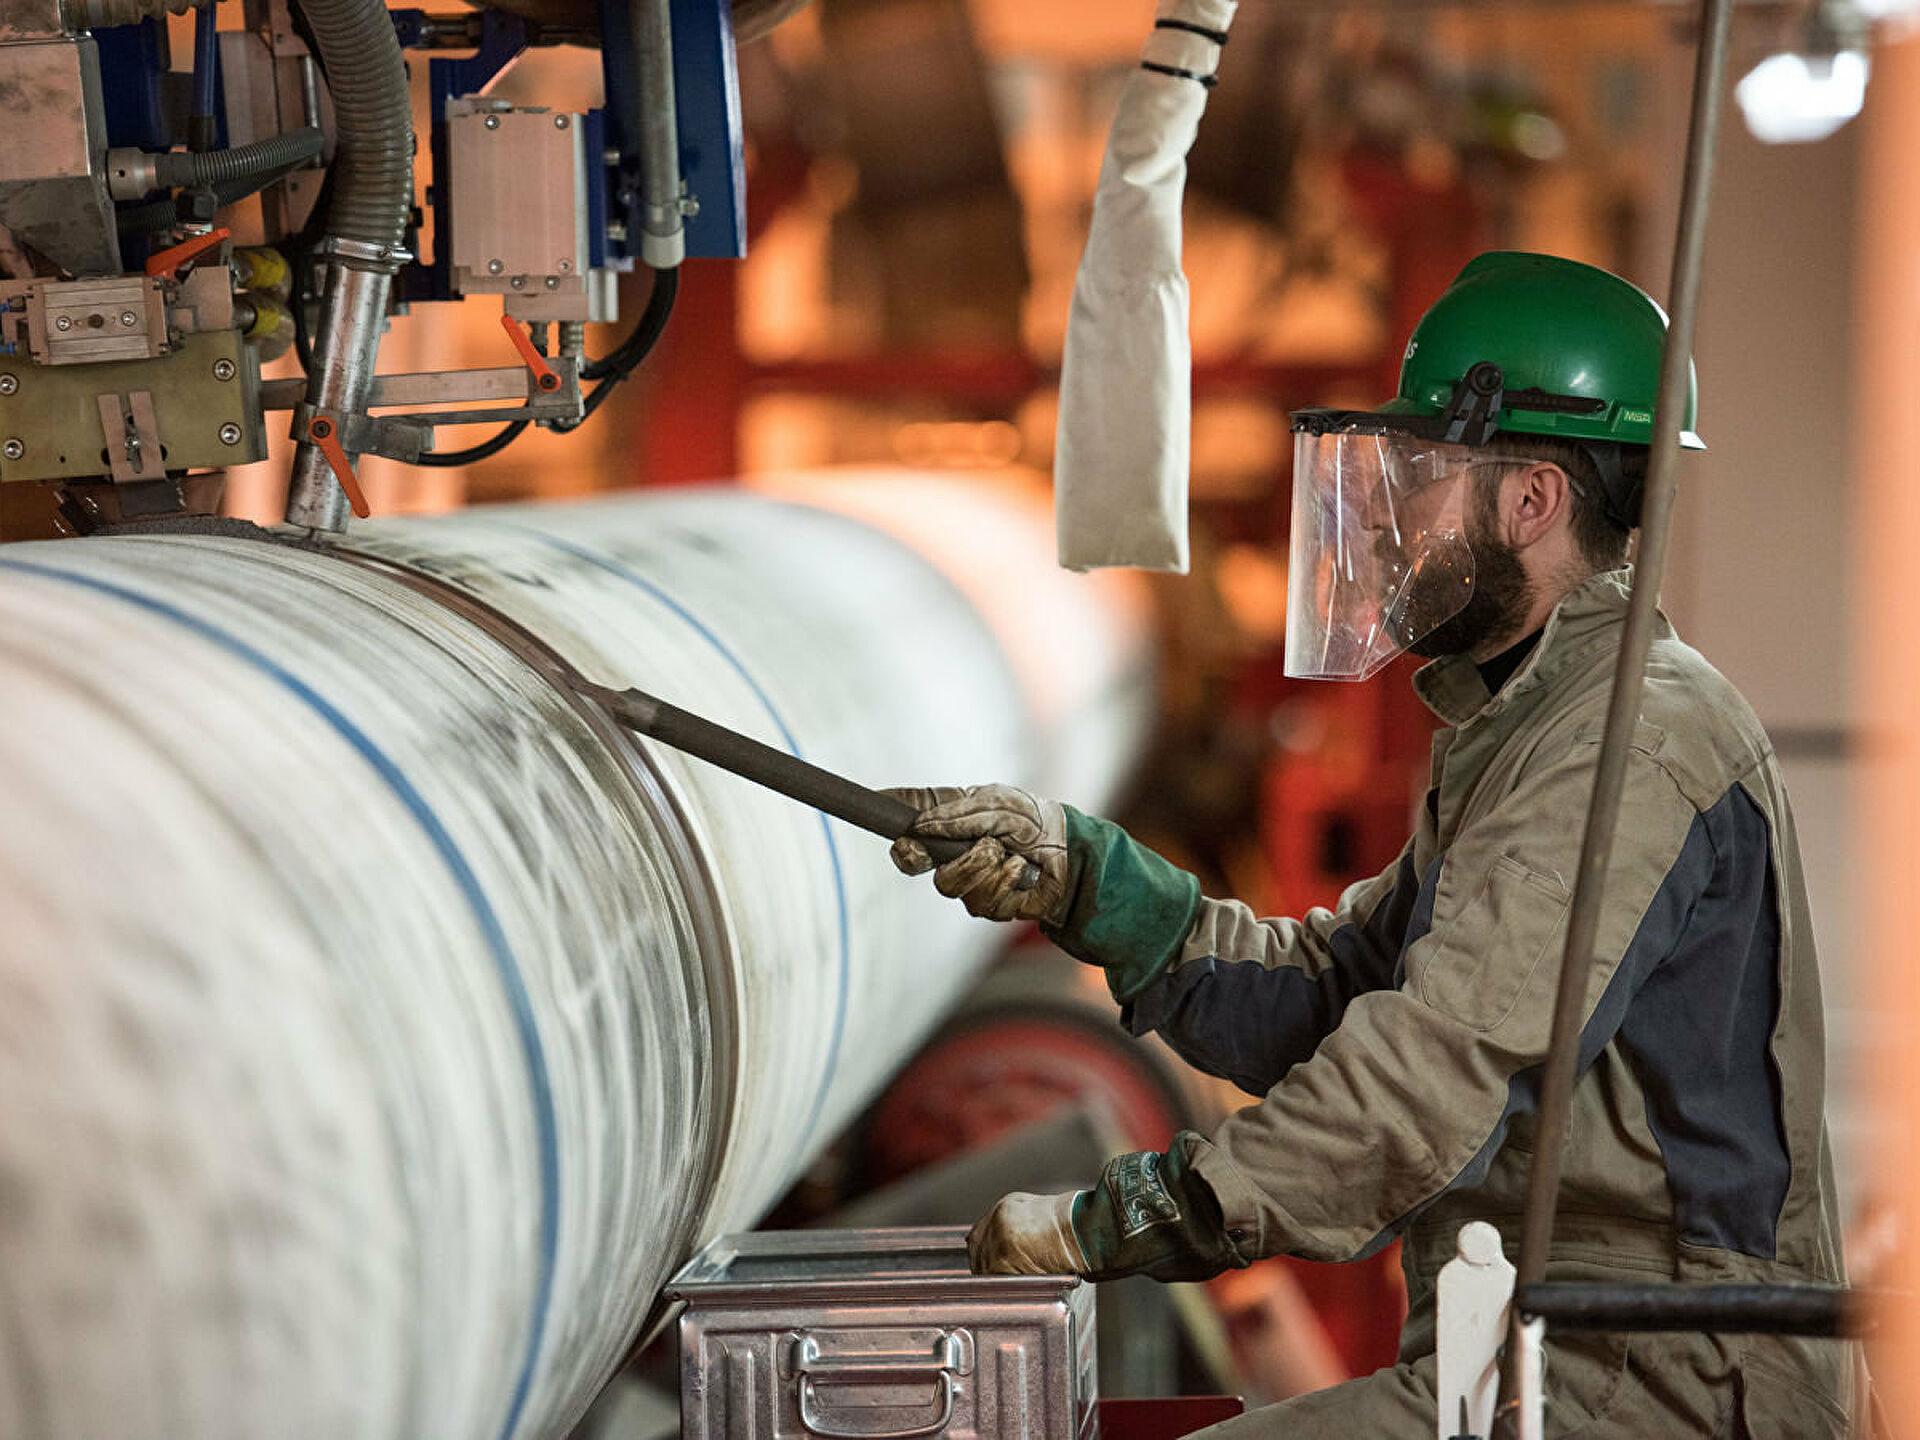 Балкански ток: Србија добија гас из Русије, хоће ли ускоро постати мини-чвориште?